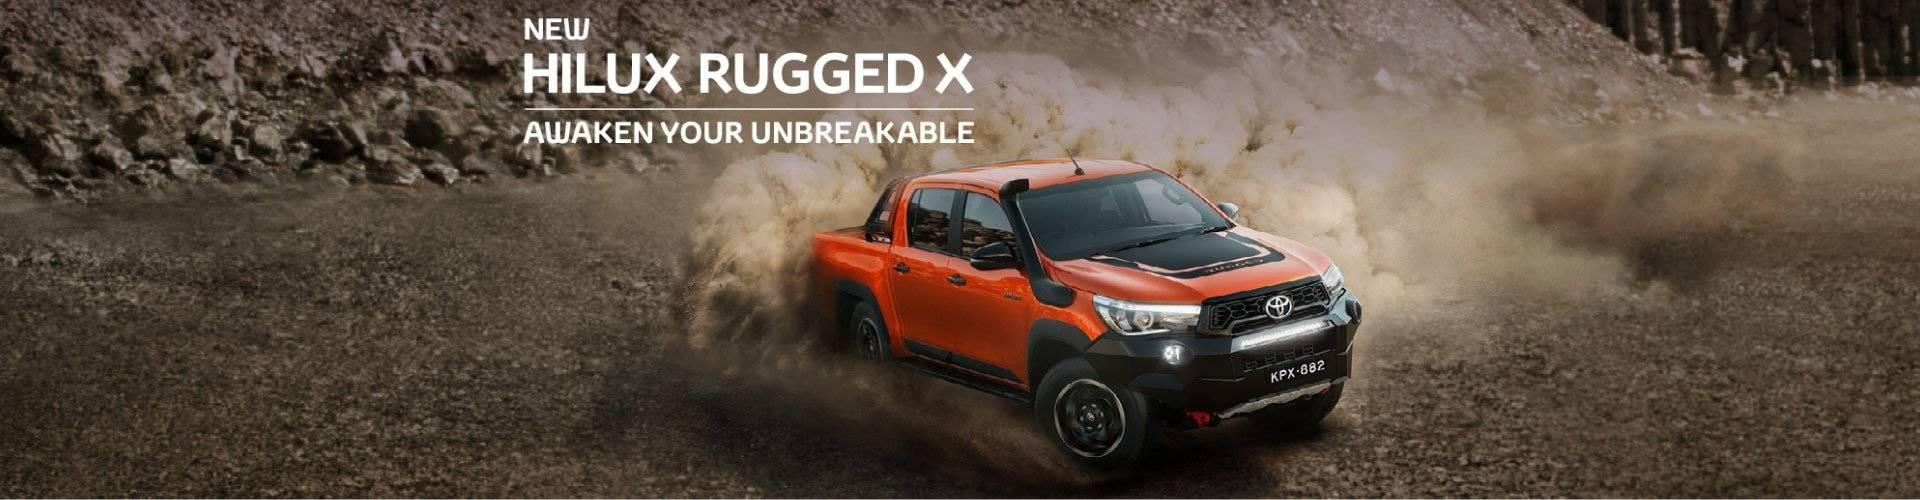 HiLux Rugged X